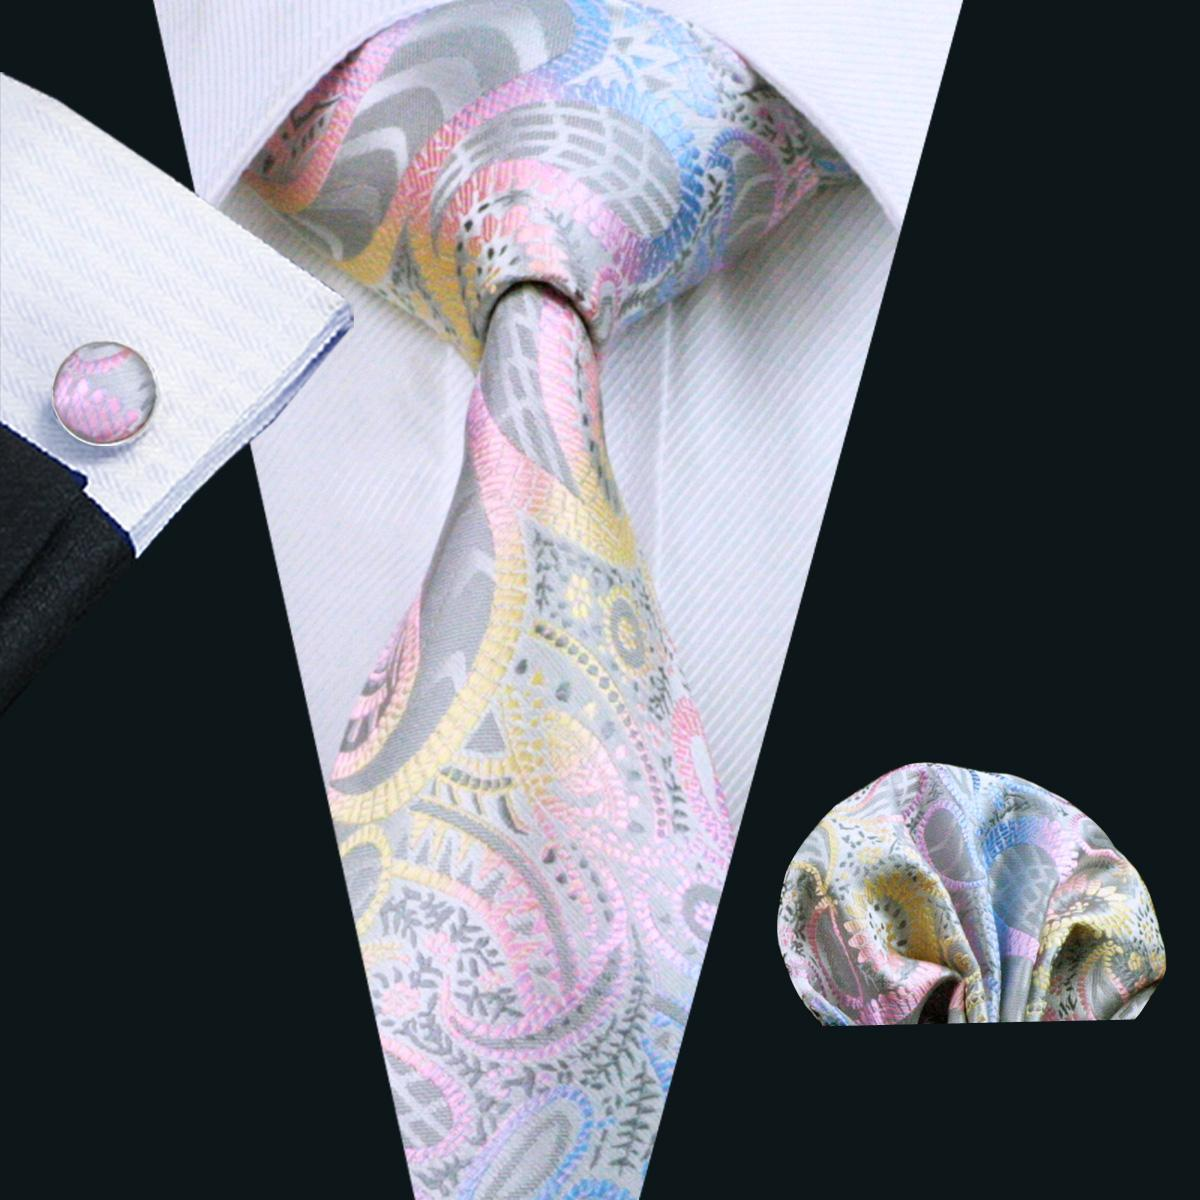 Herren Kleidung Zubehör Krawatten Jacquard Krawatte Polyester Seide Krawatte Taschentücher Krawatten Für Männer Mode Krawatte Um Jeden Preis Bekleidung Zubehör